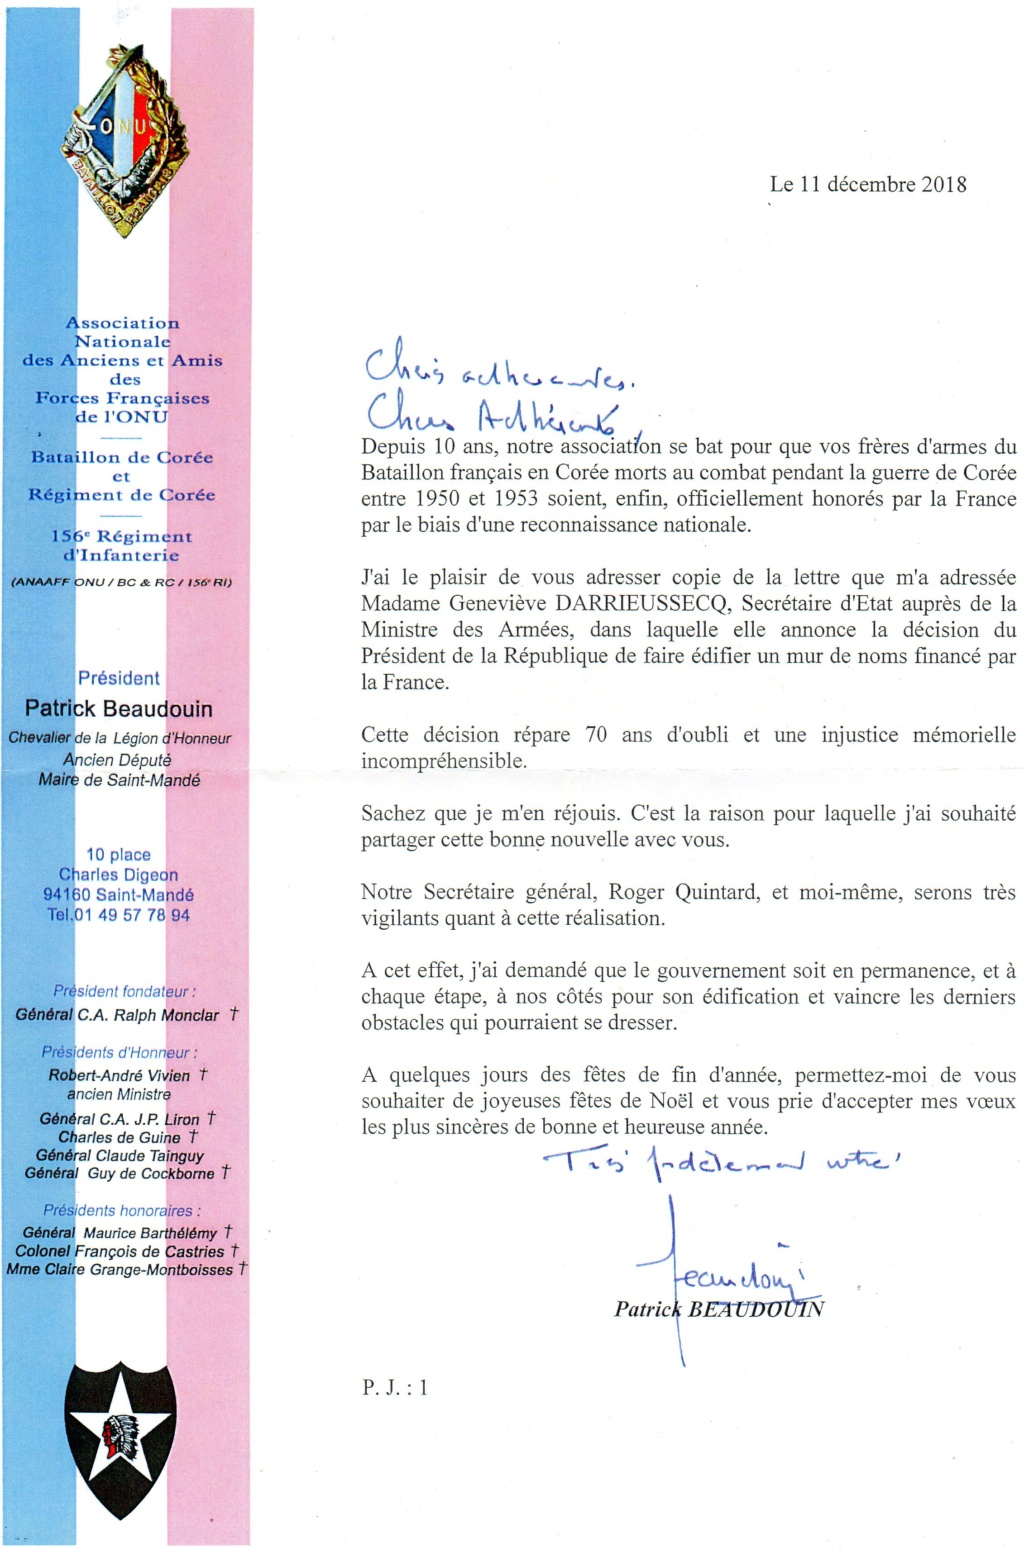 [Opérations de guerre] GUERRE DE CORÉE - Tome 2 - Page 12 Img92010